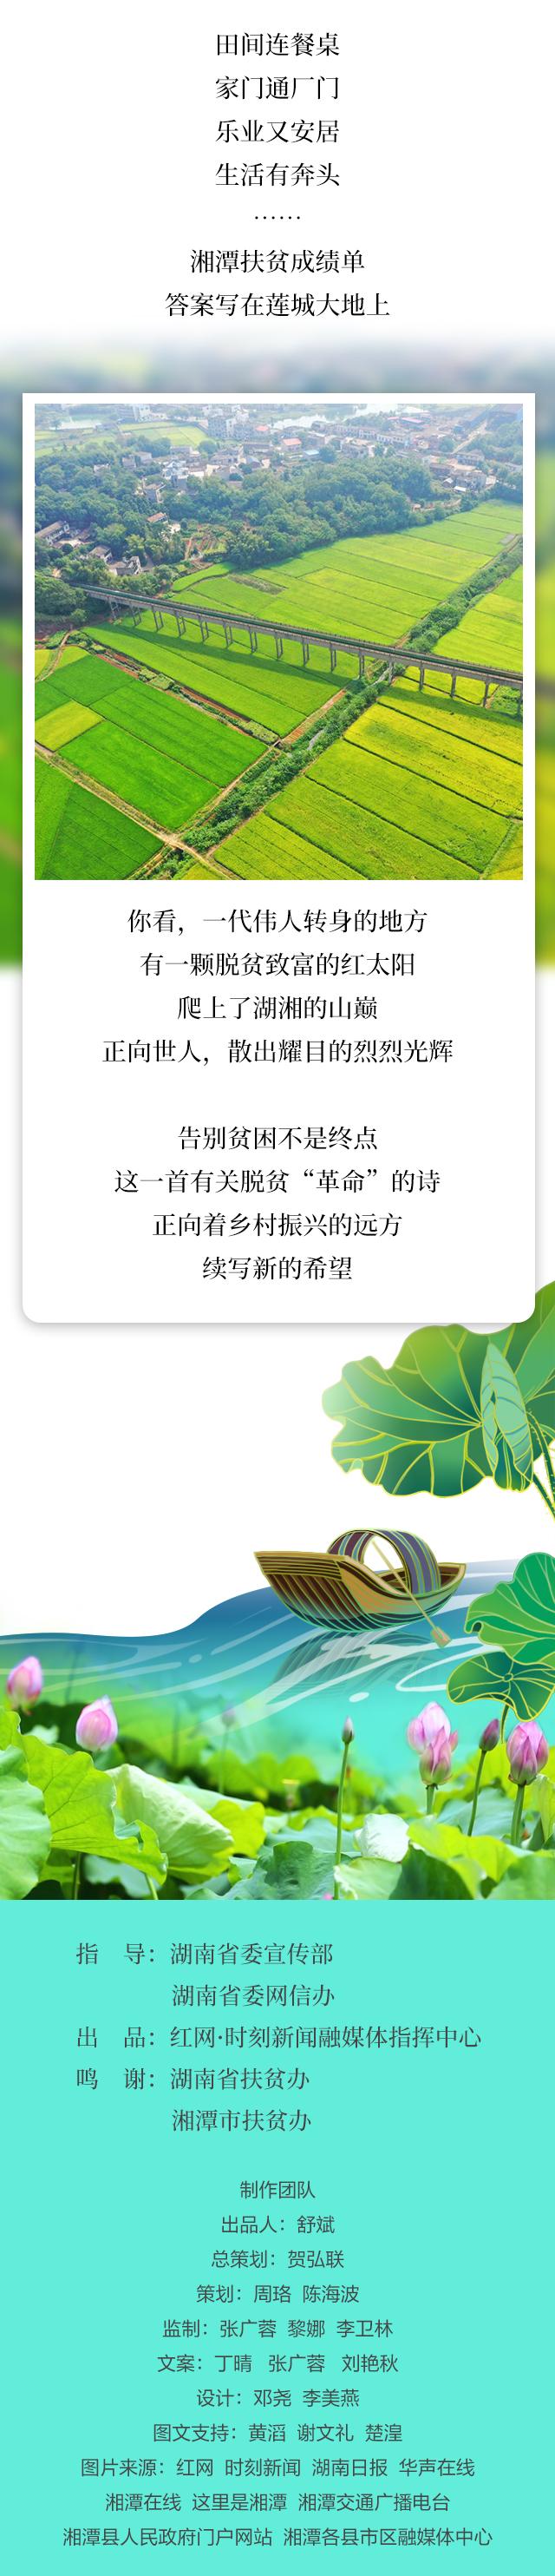 湘潭長圖第四部分_06.jpg